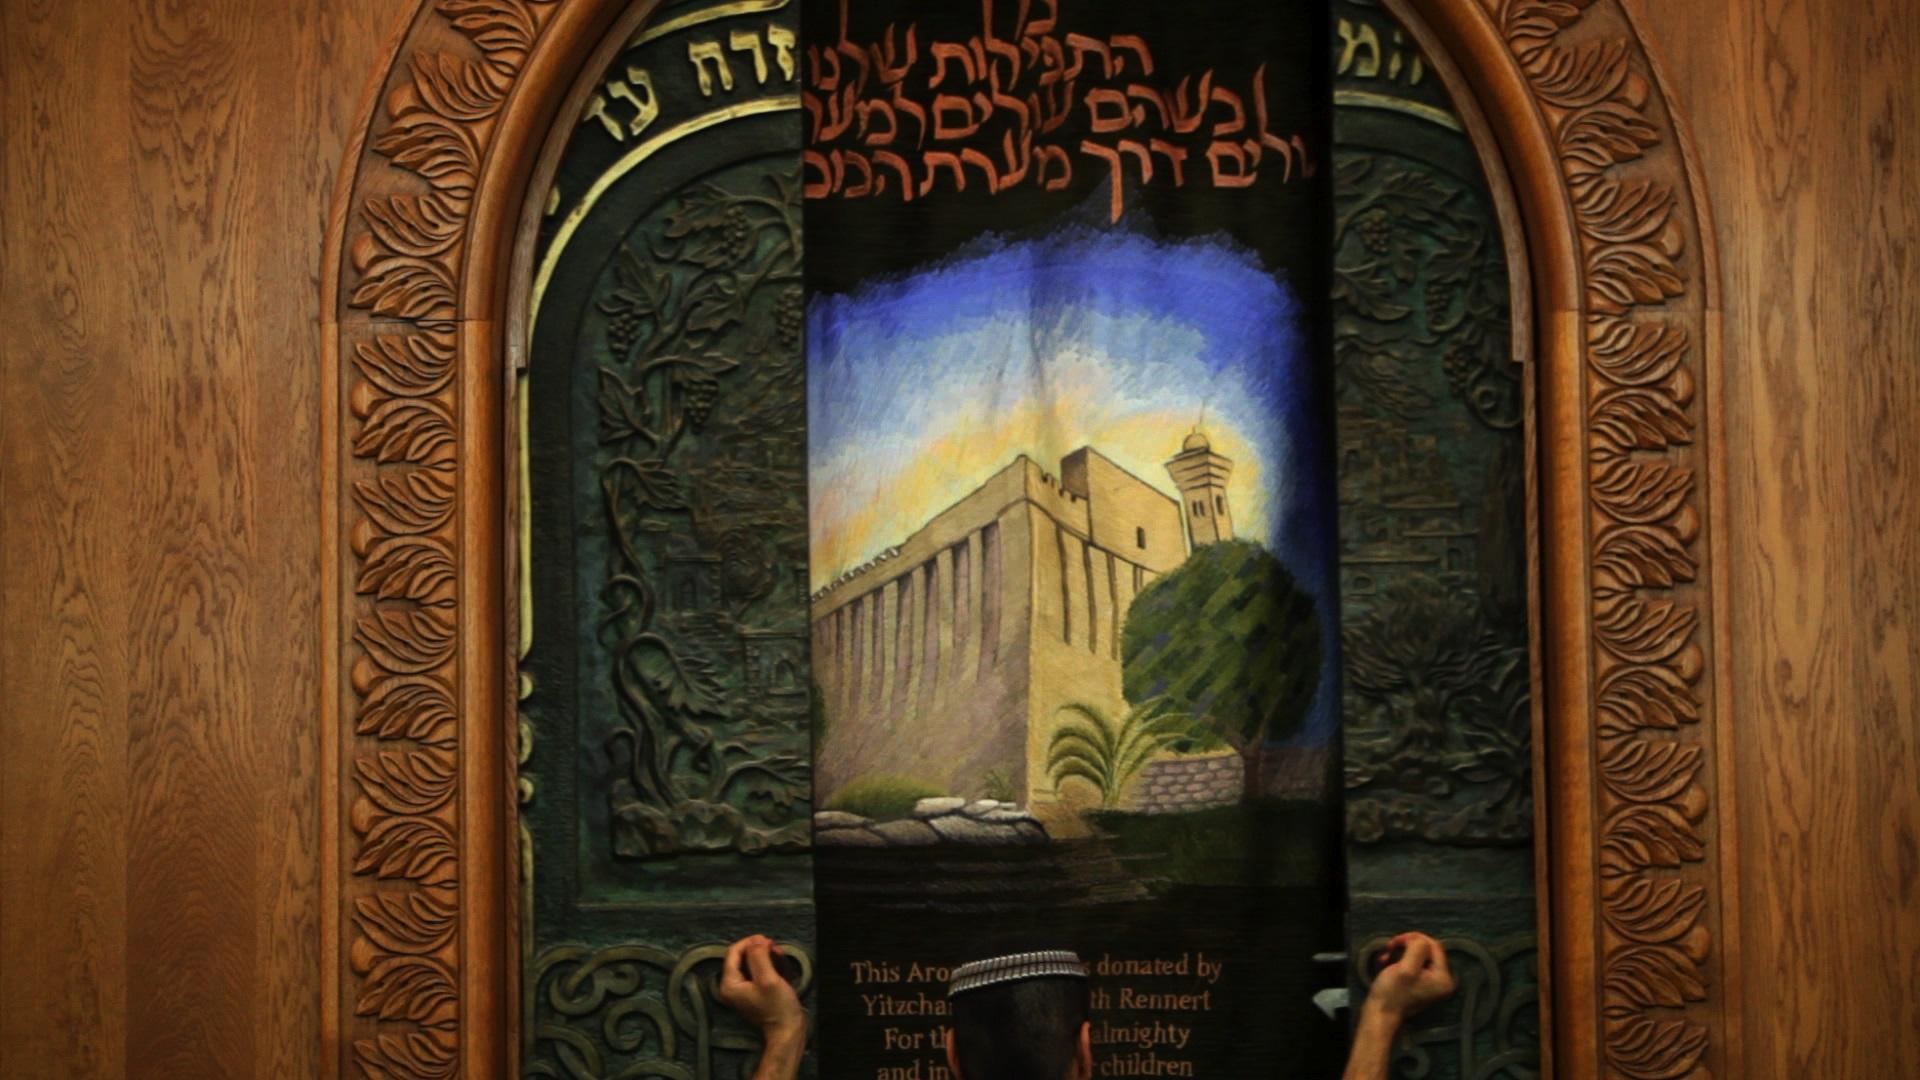 Nira Pereg, Abraham Abraham, 2012, multi-channel HD video, 4:25 min.